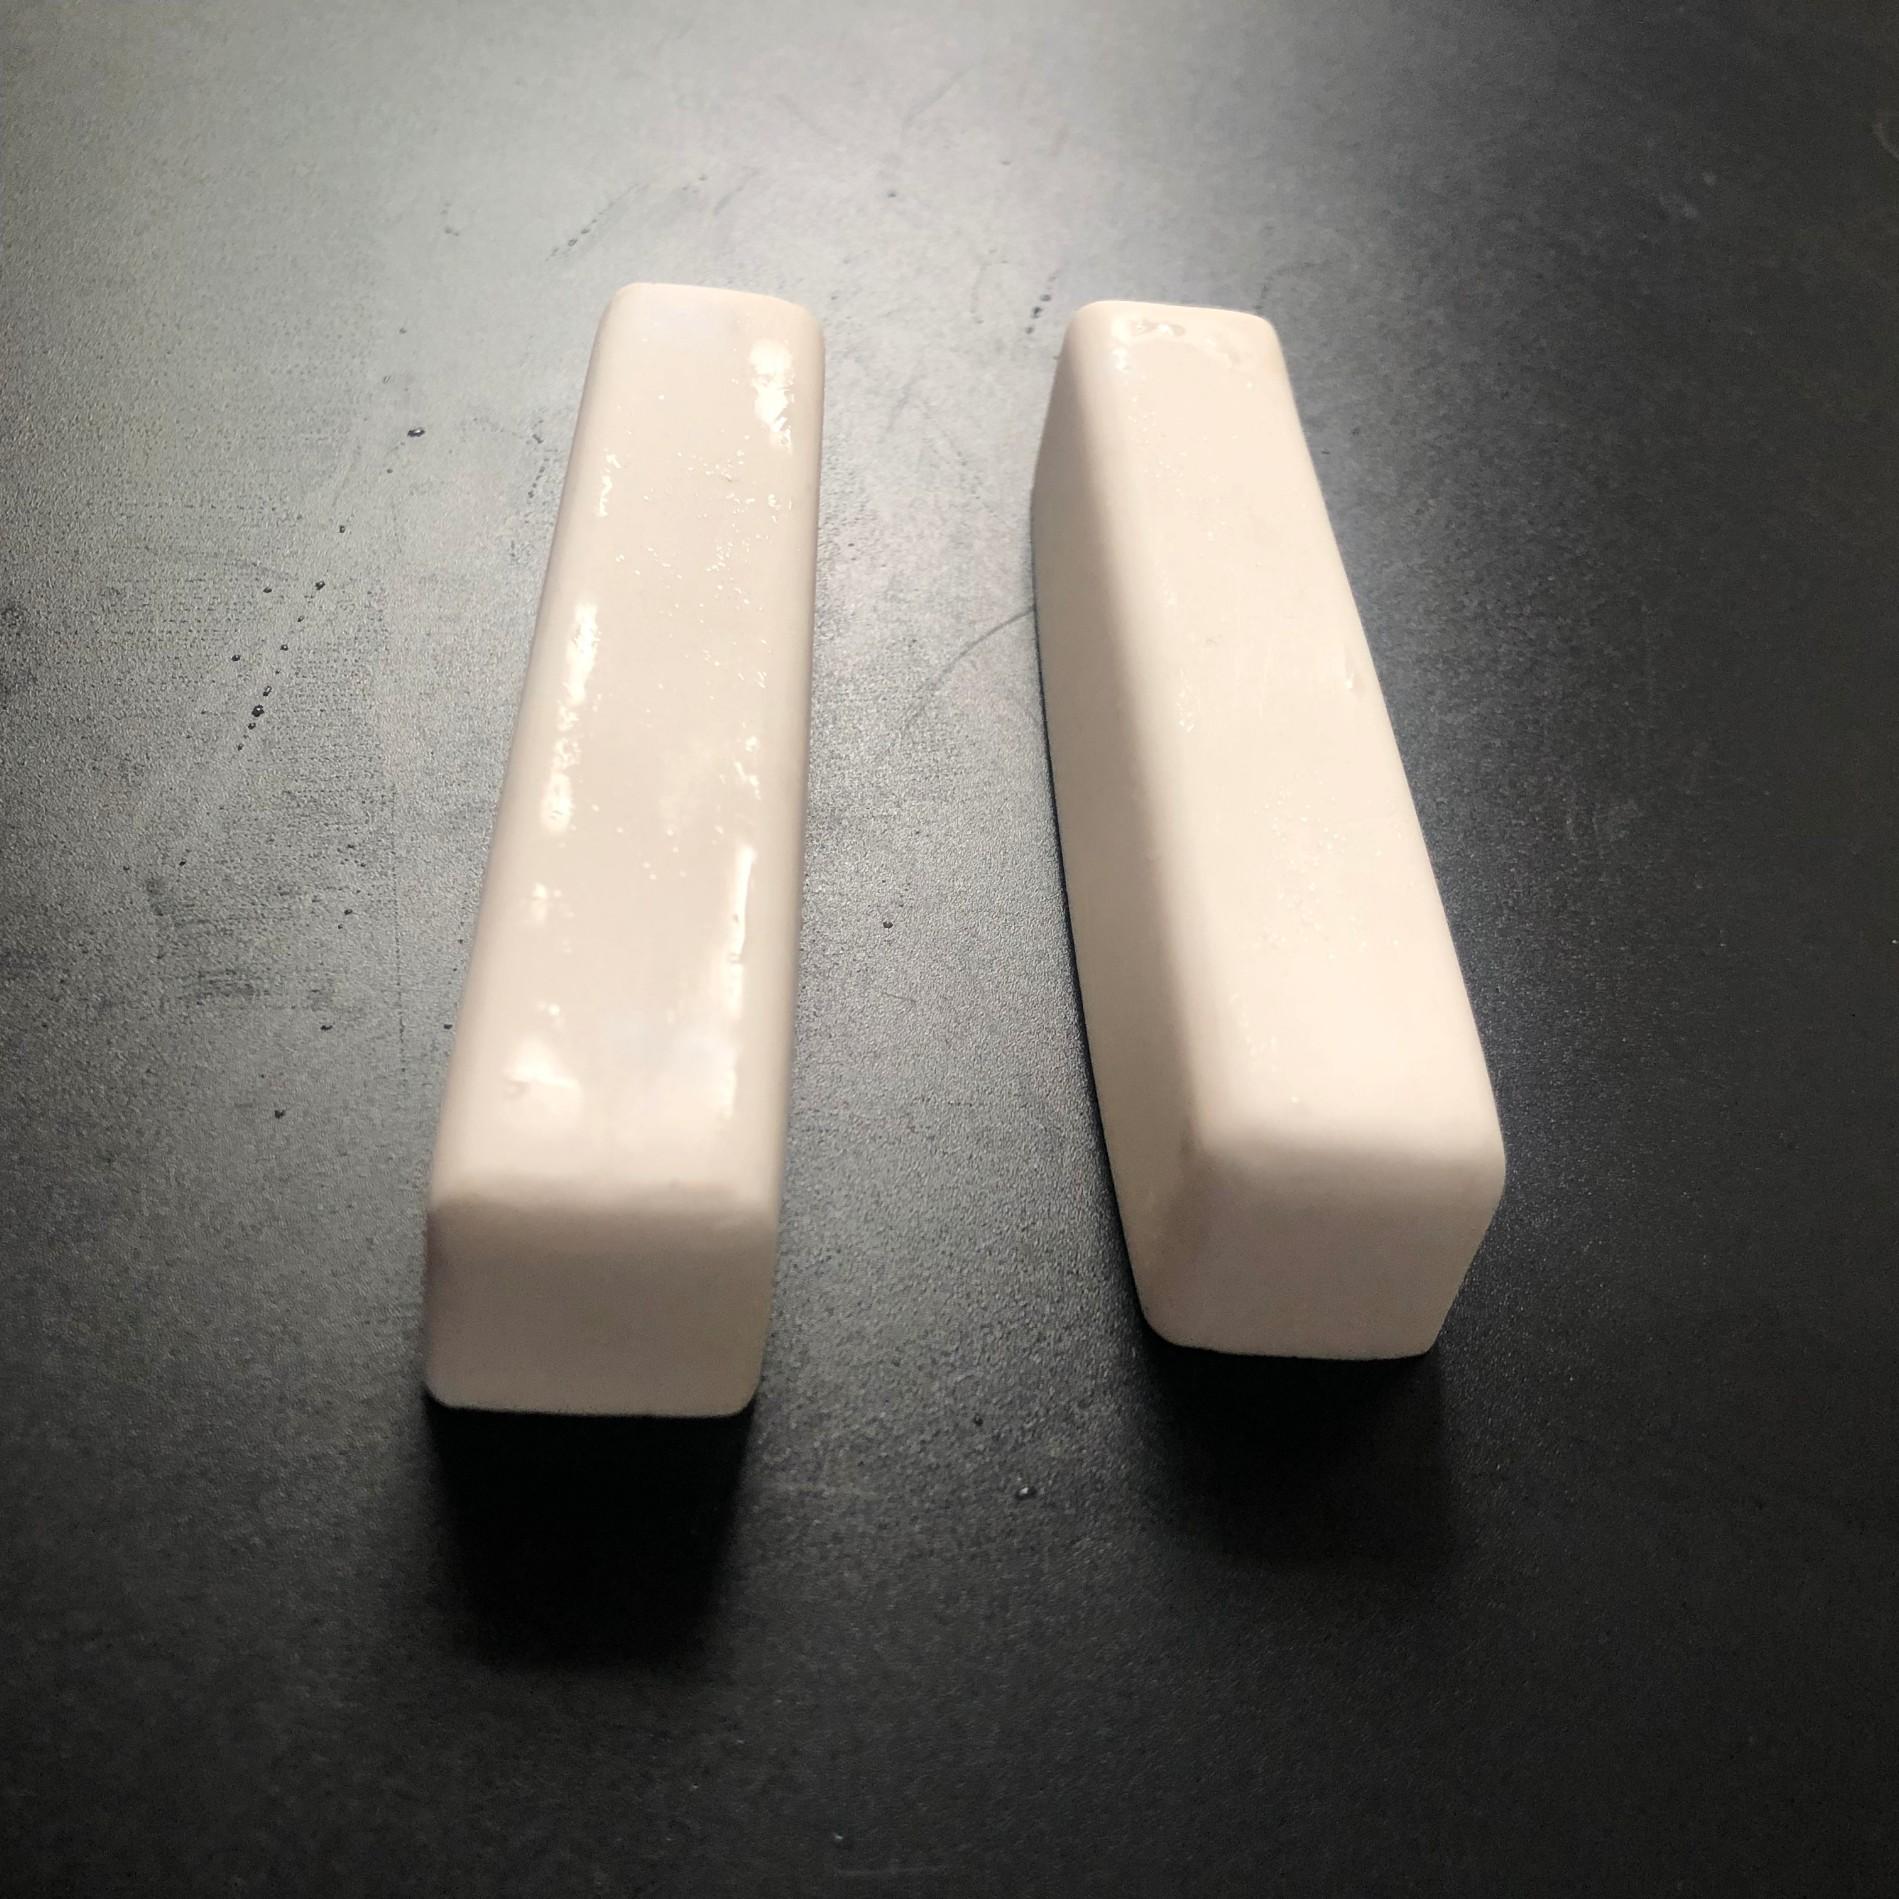 Kaufen Quadratischer Schmelztiegel aus Aluminiumoxidkeramik;Quadratischer Schmelztiegel aus Aluminiumoxidkeramik Preis;Quadratischer Schmelztiegel aus Aluminiumoxidkeramik Marken;Quadratischer Schmelztiegel aus Aluminiumoxidkeramik Hersteller;Quadratischer Schmelztiegel aus Aluminiumoxidkeramik Zitat;Quadratischer Schmelztiegel aus Aluminiumoxidkeramik Unternehmen